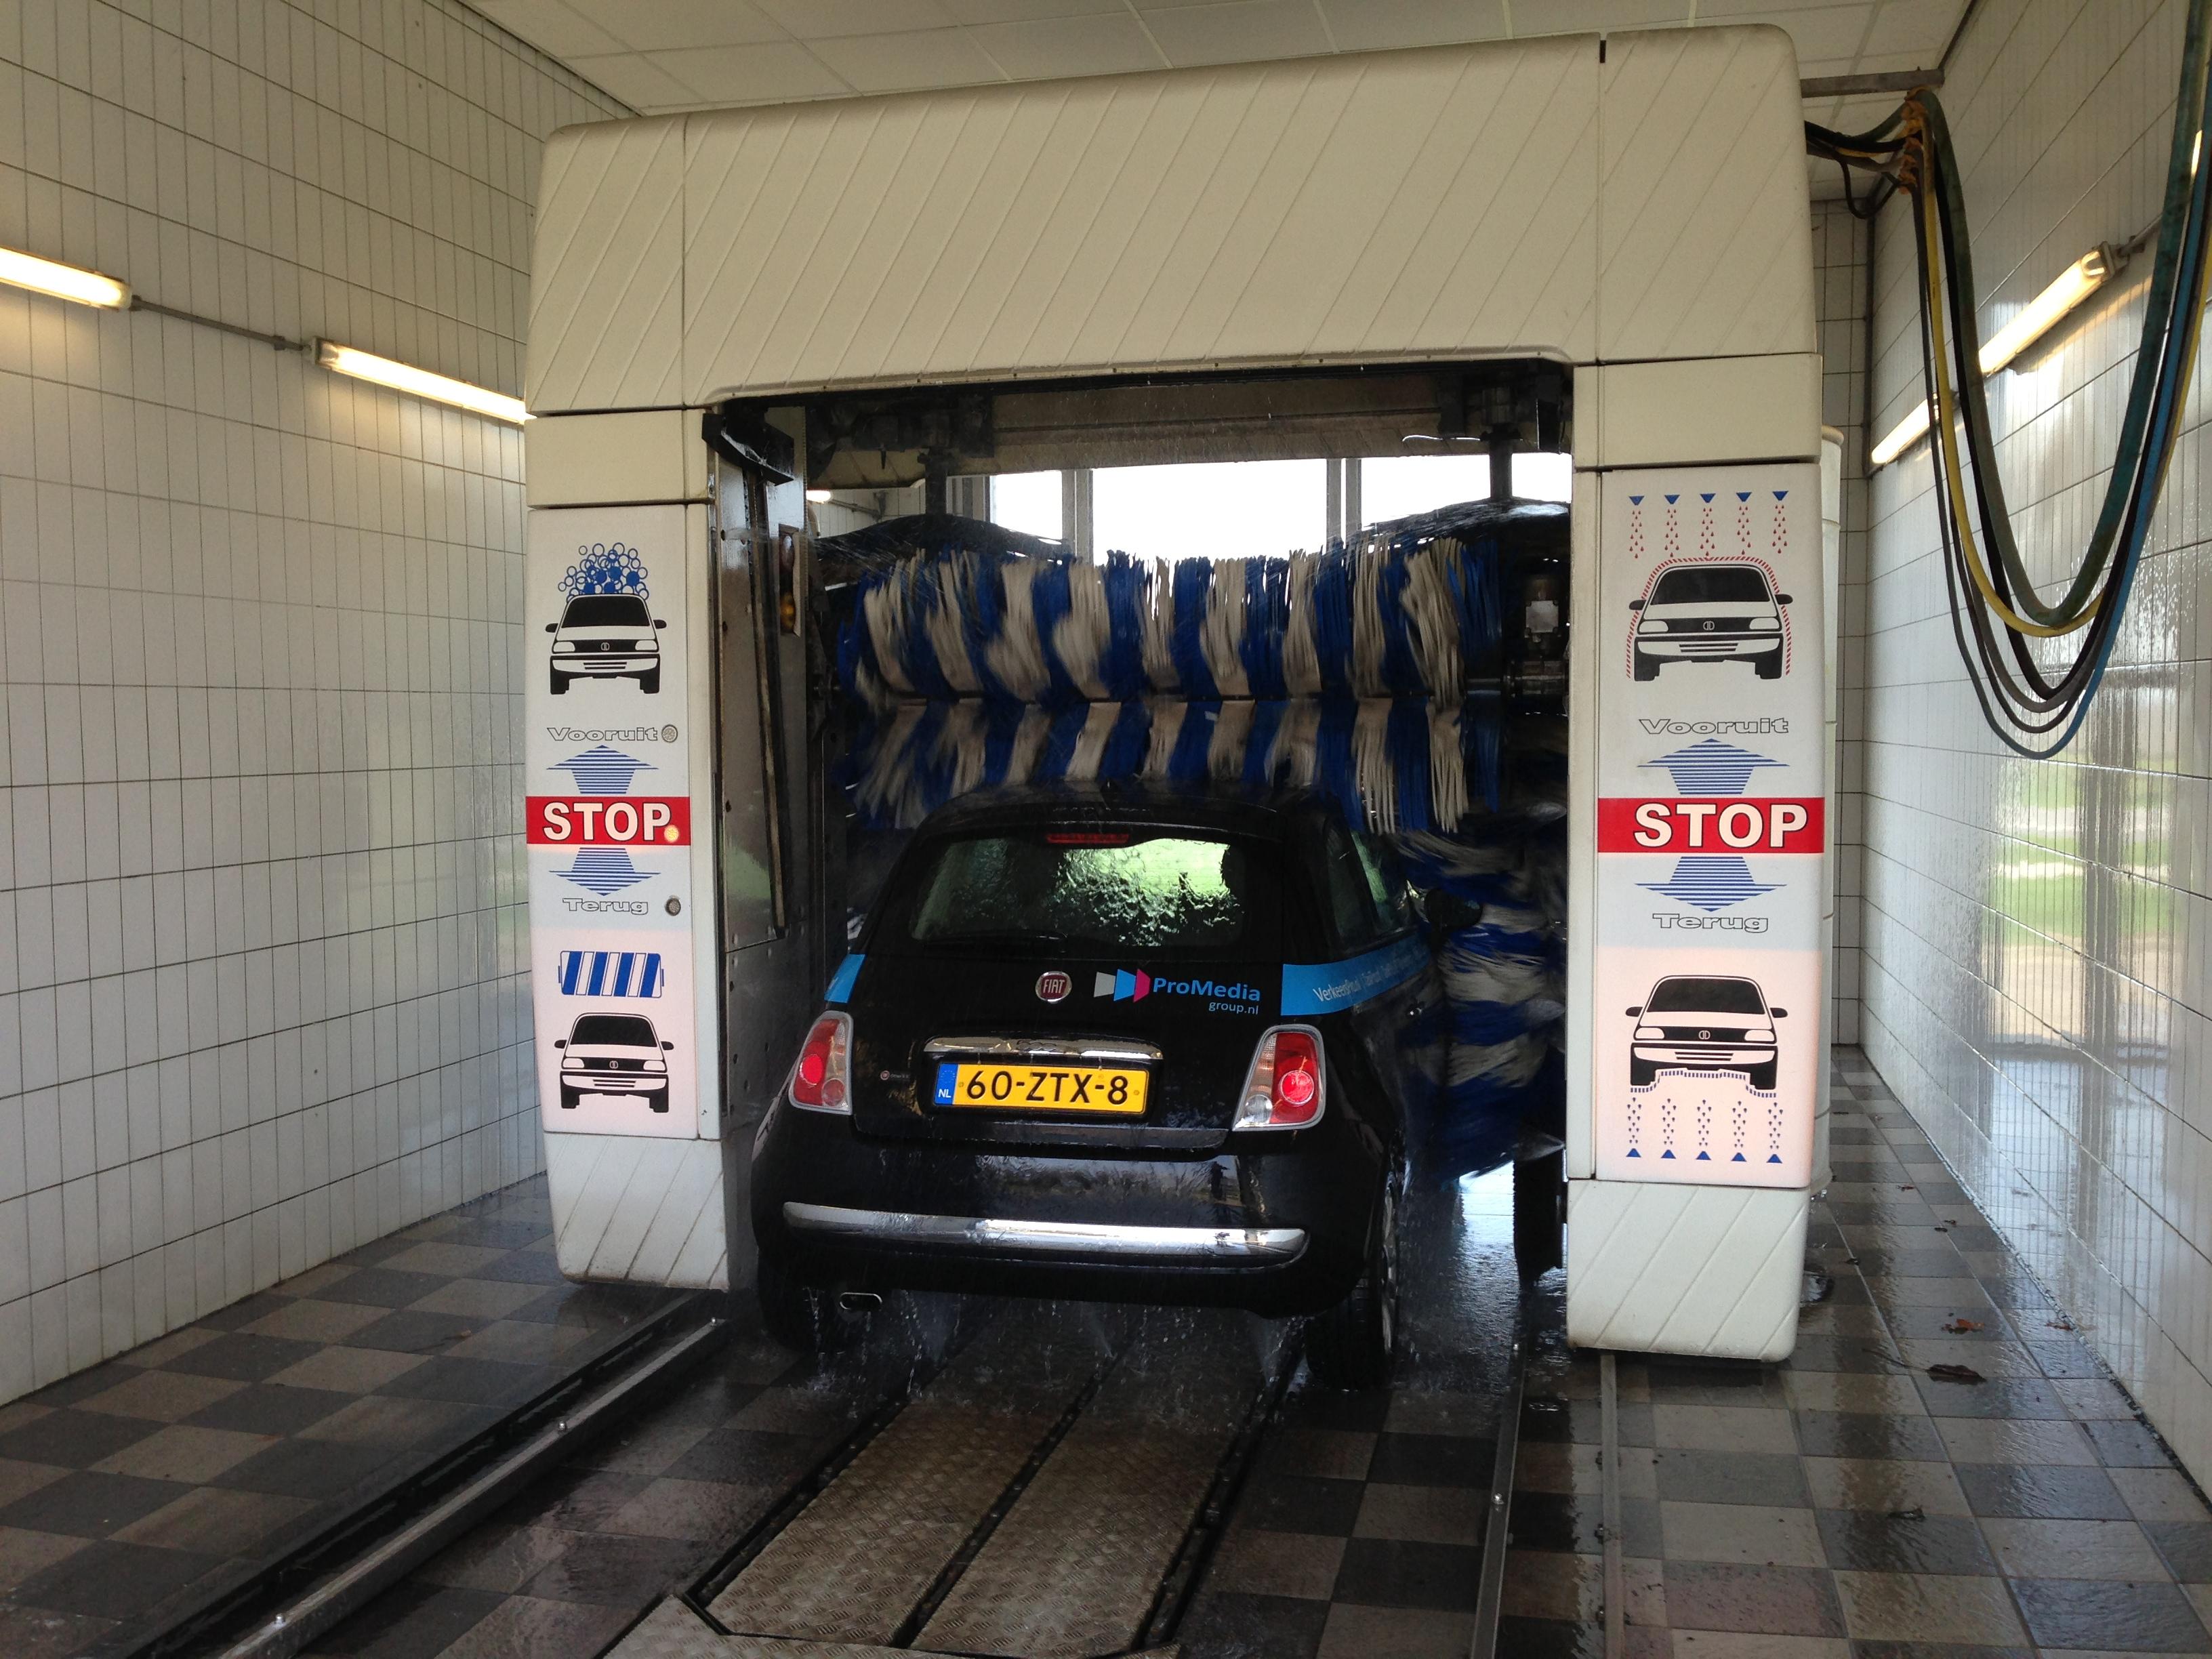 Autowasinstallaties Verenigen Zich In Keurmerk Duurzaam Autowassen